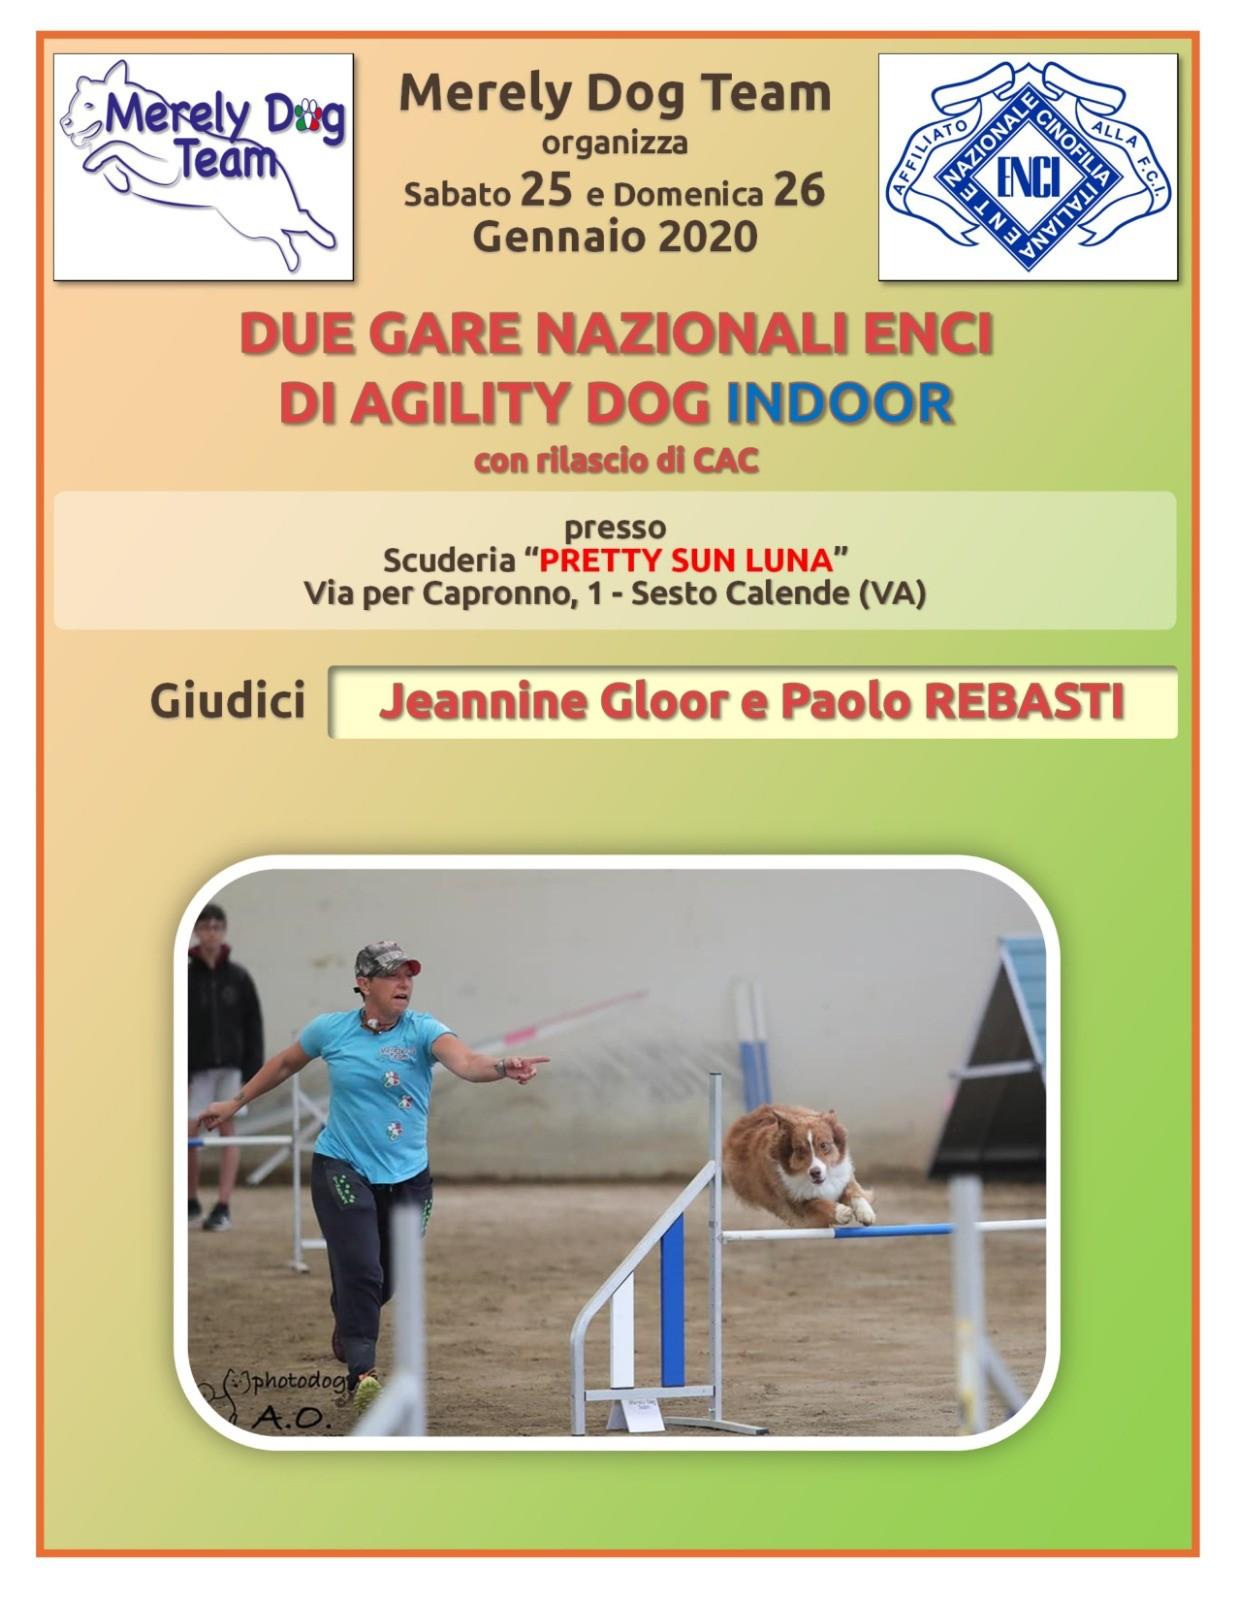 26 Gennaio Merely Dog Team